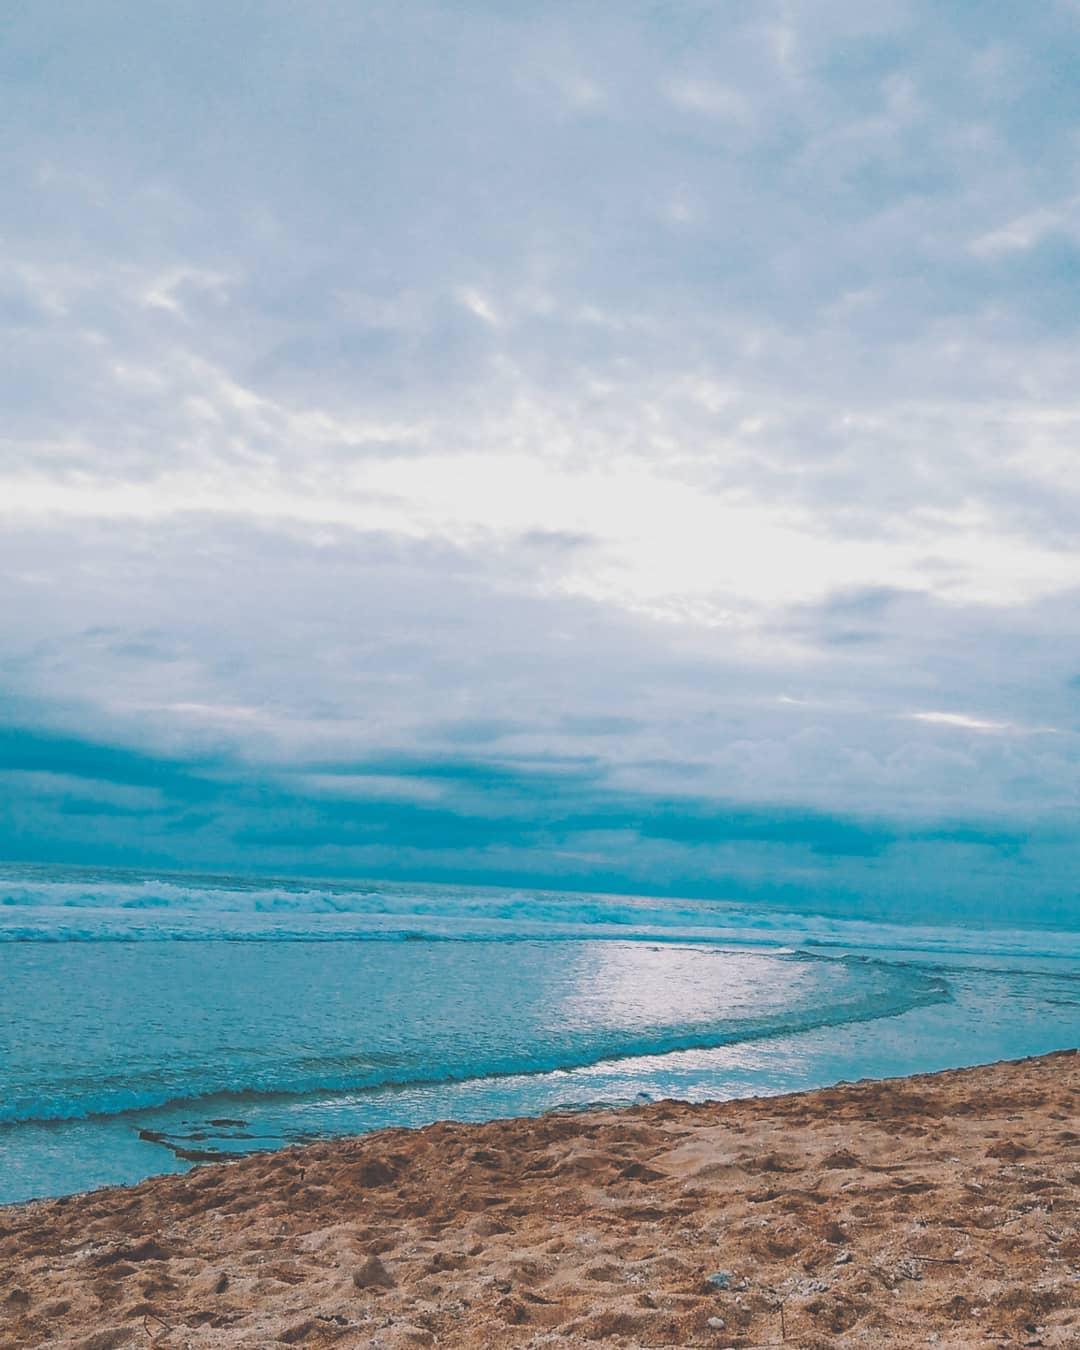 pesona pantai sepanjang (2)